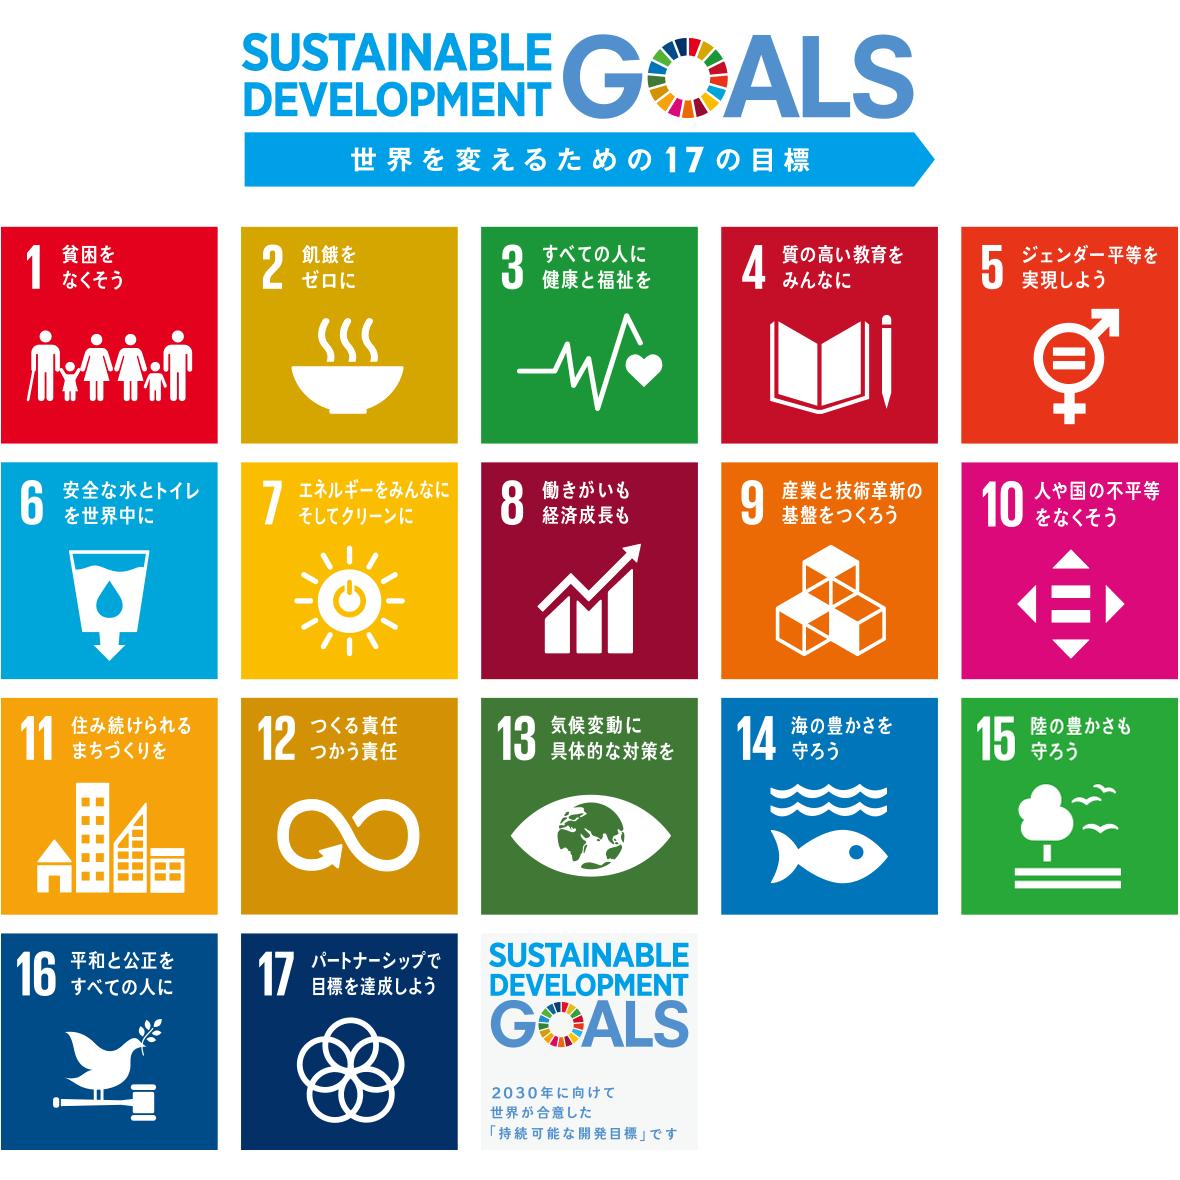 持続 可能 な 開発 目標 SDGs(持続可能な開発目標)とは何か?17の目標をわかりやすく解説|...